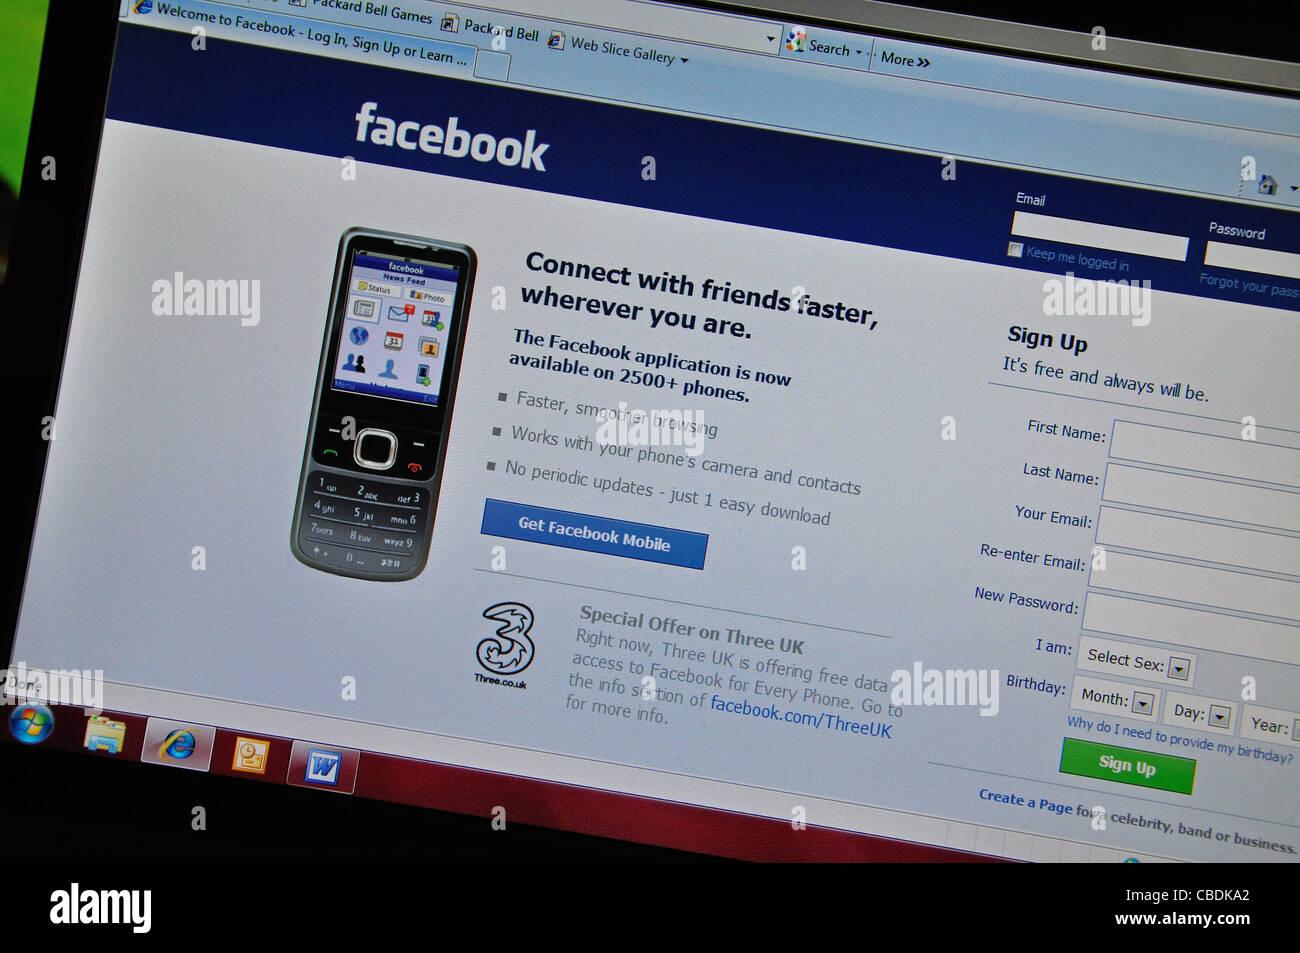 Página de inicio de sesión de Facebook en la pantalla de ordenador, Greater London, England, Reino Unido Imagen De Stock